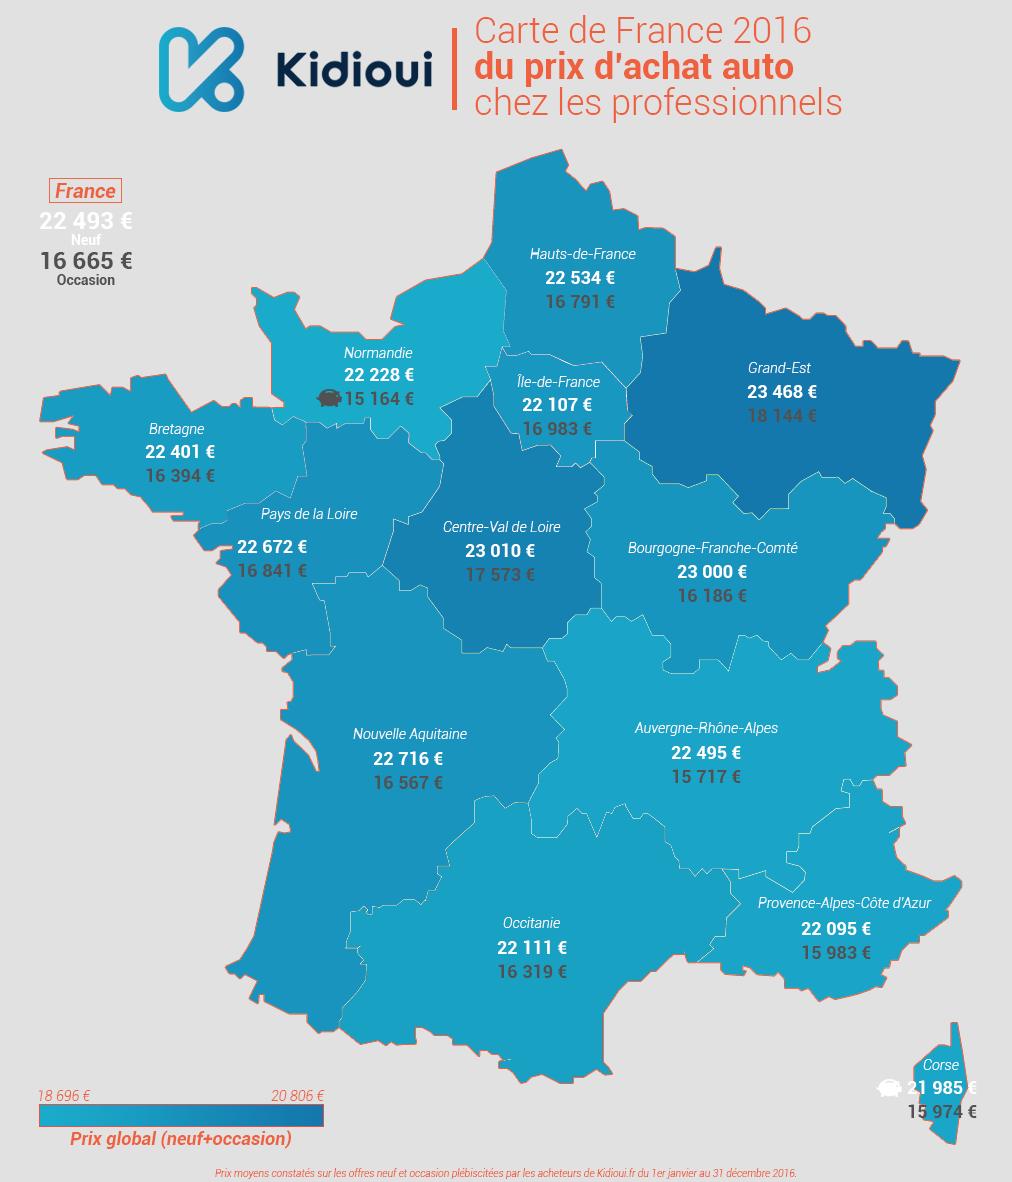 carte-france-prix-achat-auto-2016